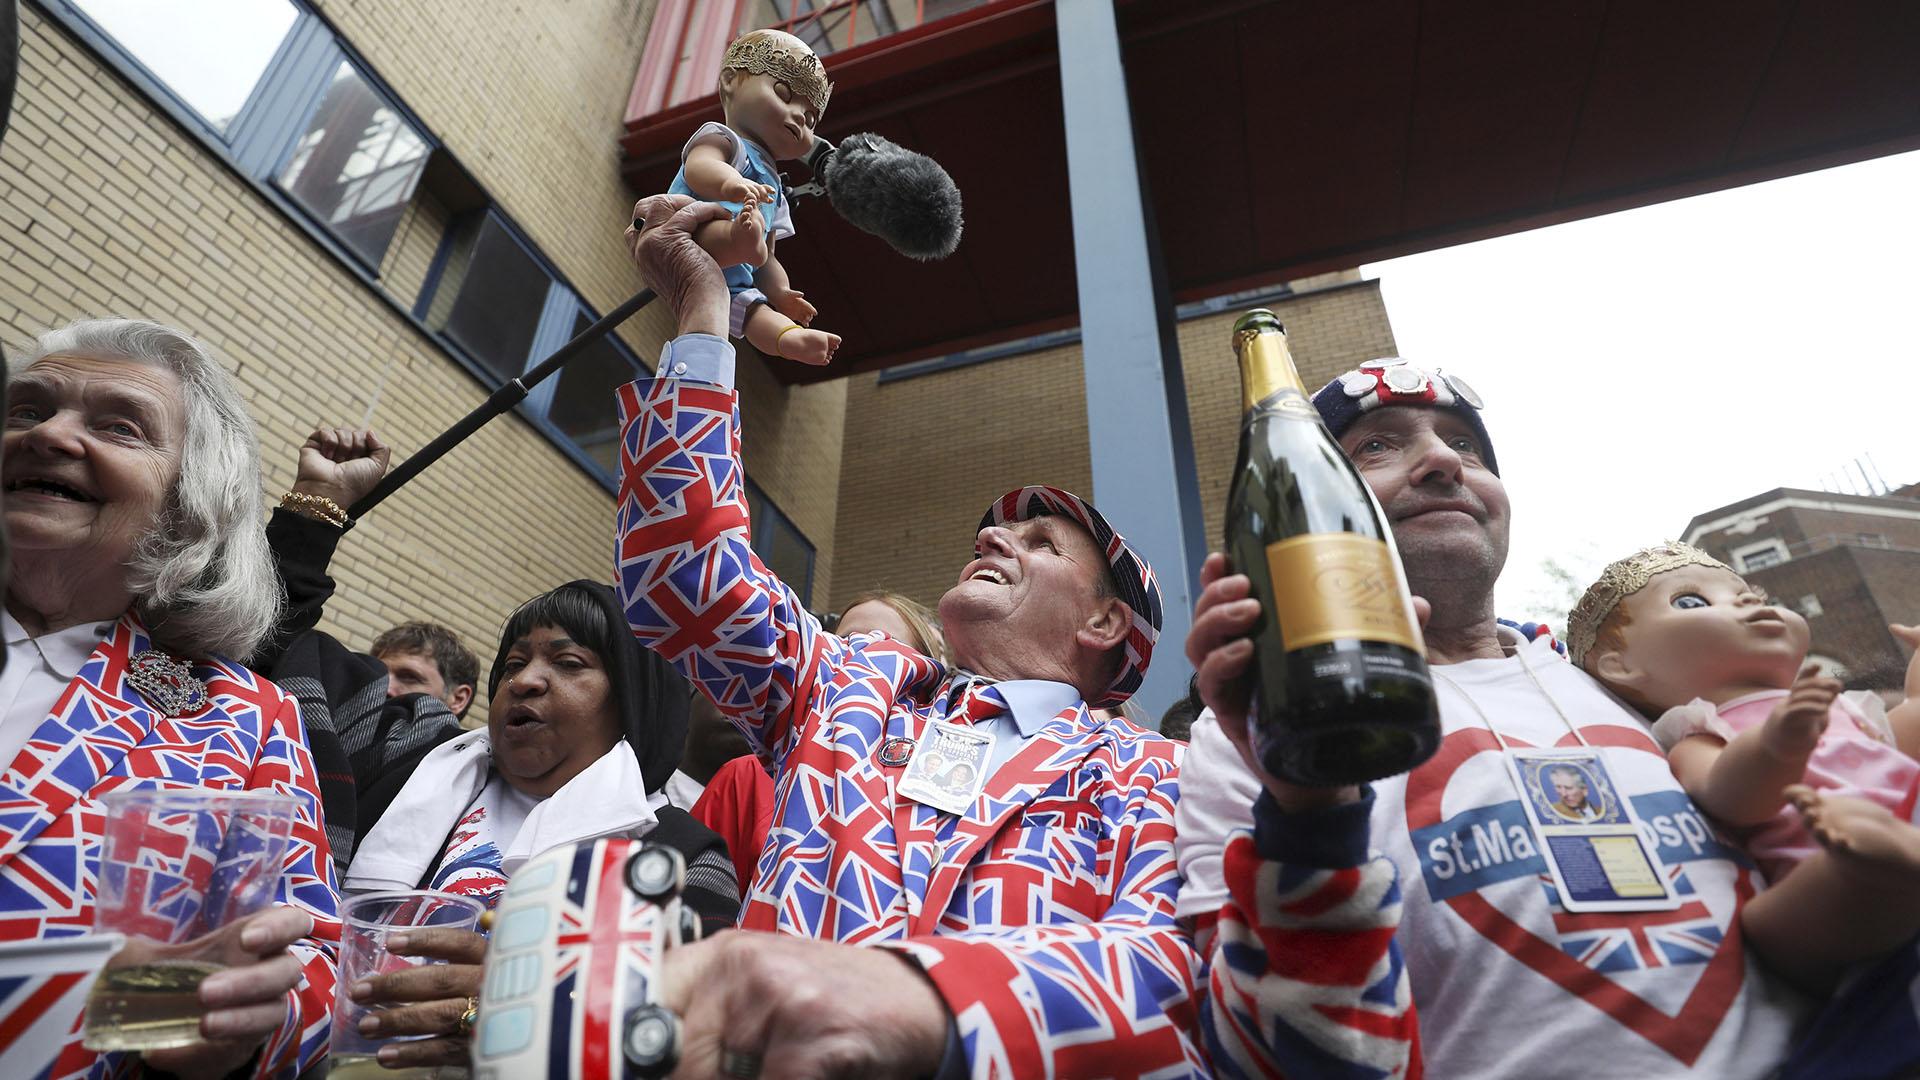 A las afueras del Ala Lindo del Hospital festejan el nacimiento del nuevo integrante de la familia real británica (Reuters)